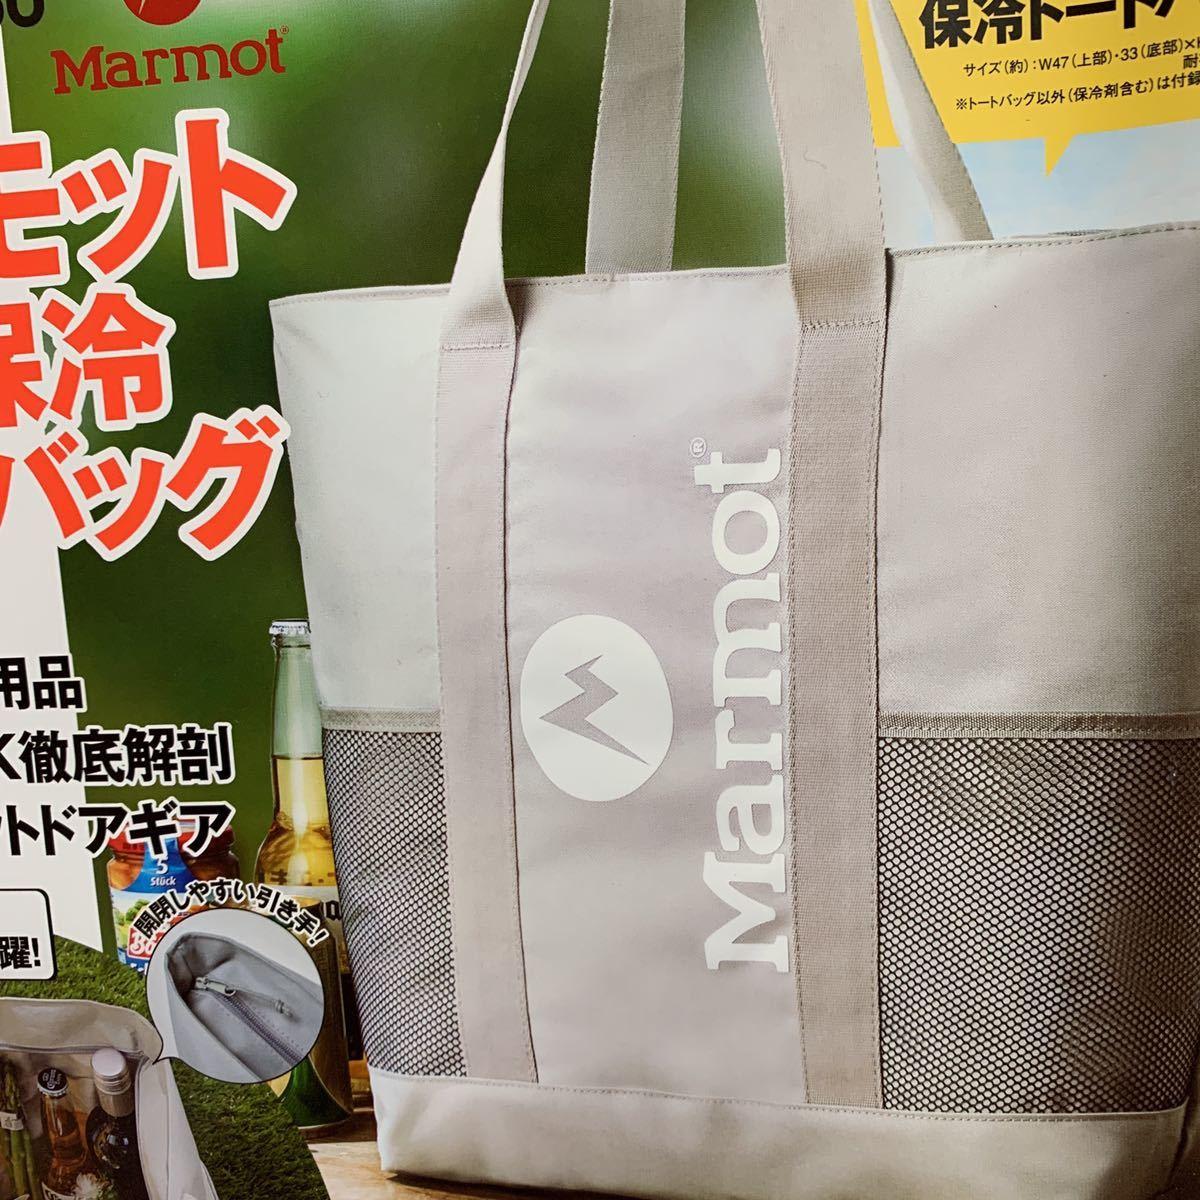 モノマックス8月号増刊 マーモット保冷トートバッグ 雑誌付き_画像1